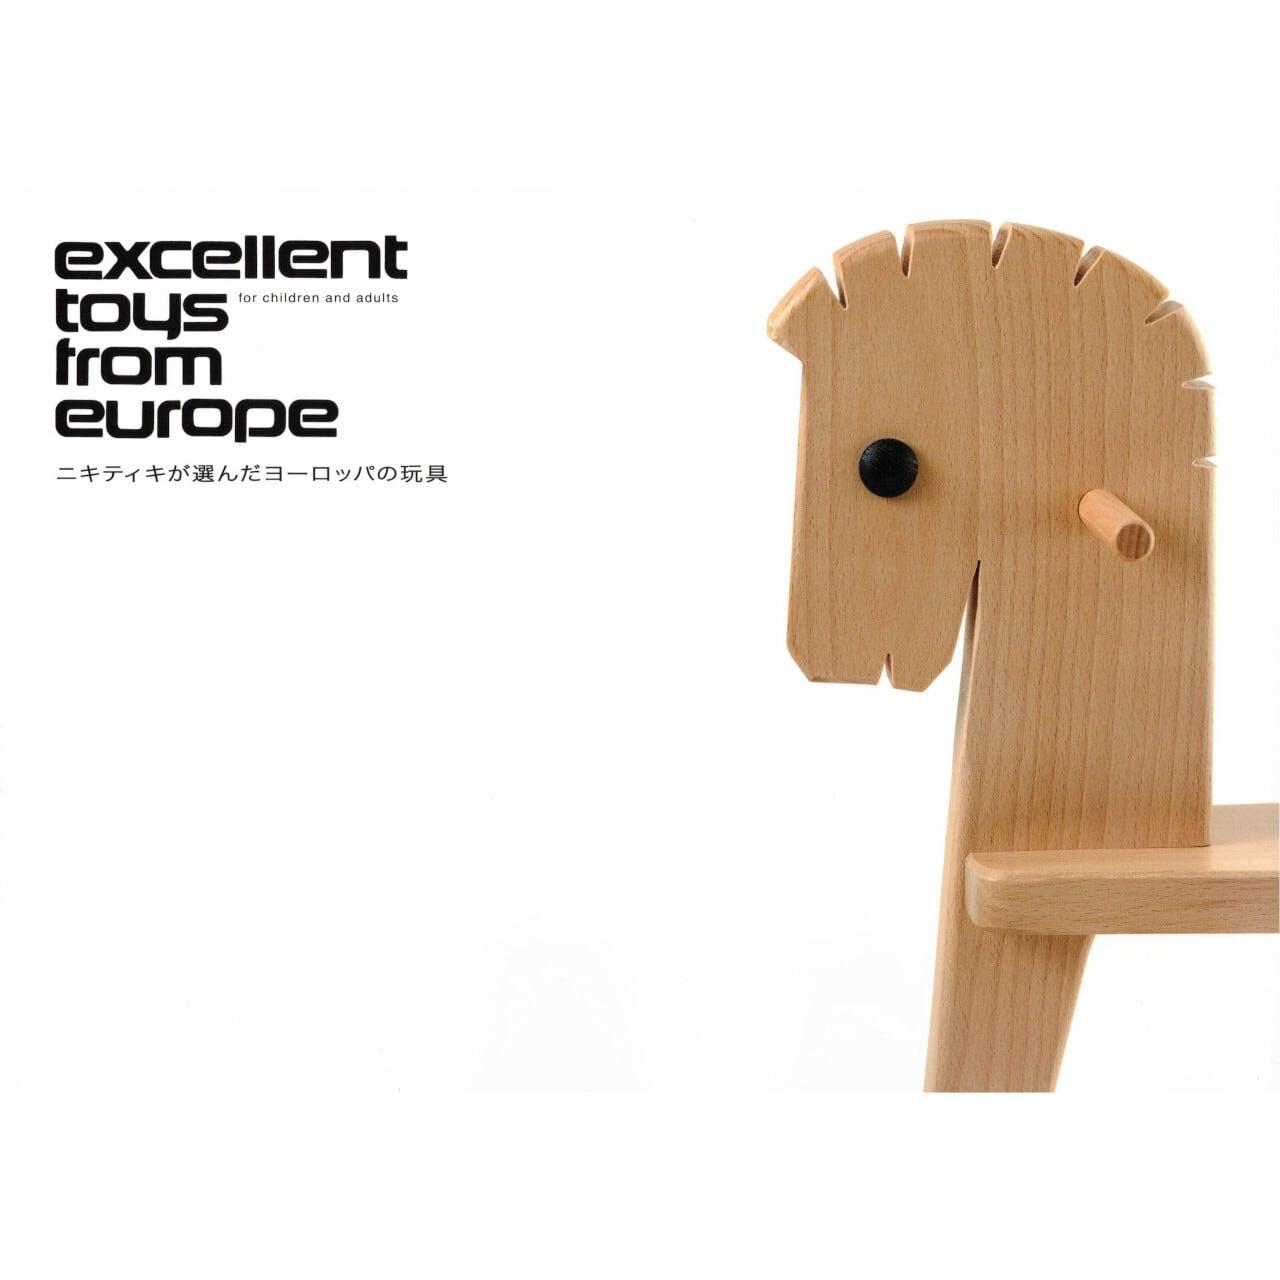 ニキティキが選んだヨーロッパの玩具 No.13 アトリエニキティキ